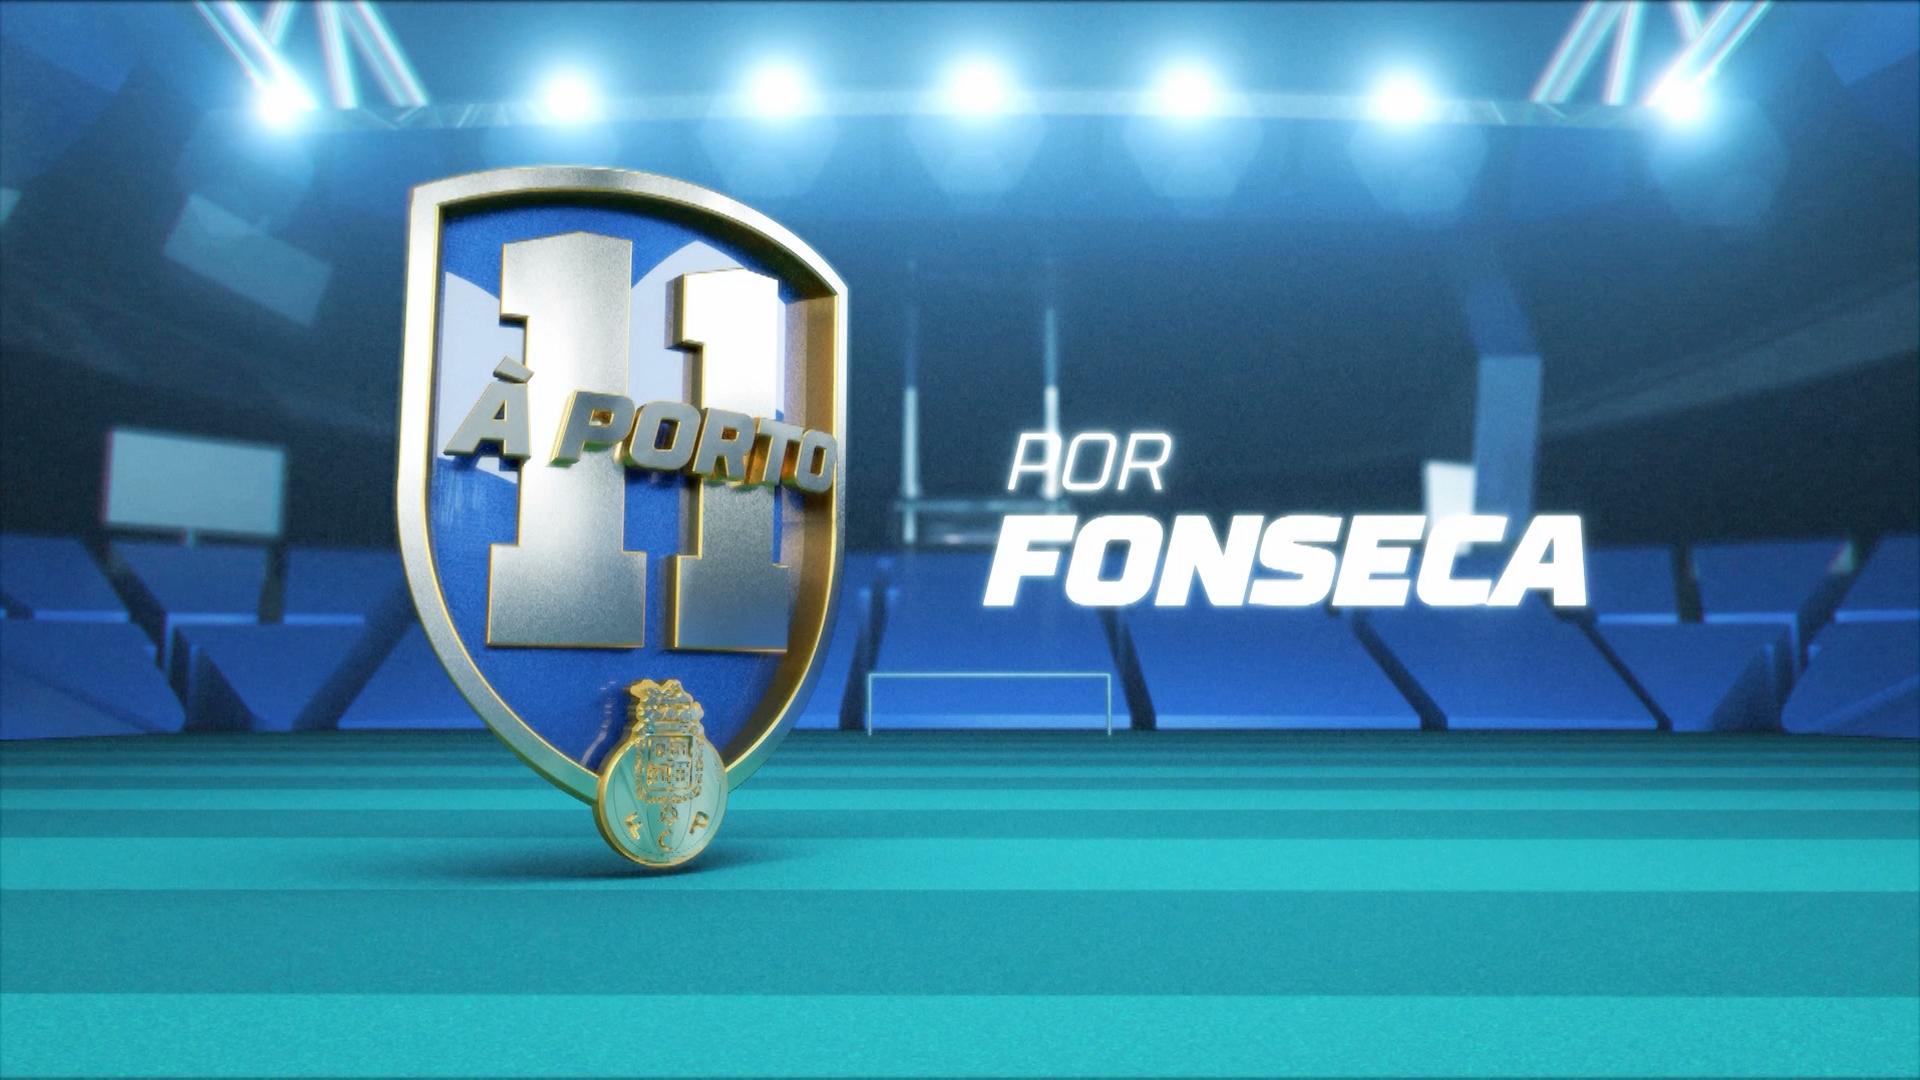 '11 à Porto' por Fonseca